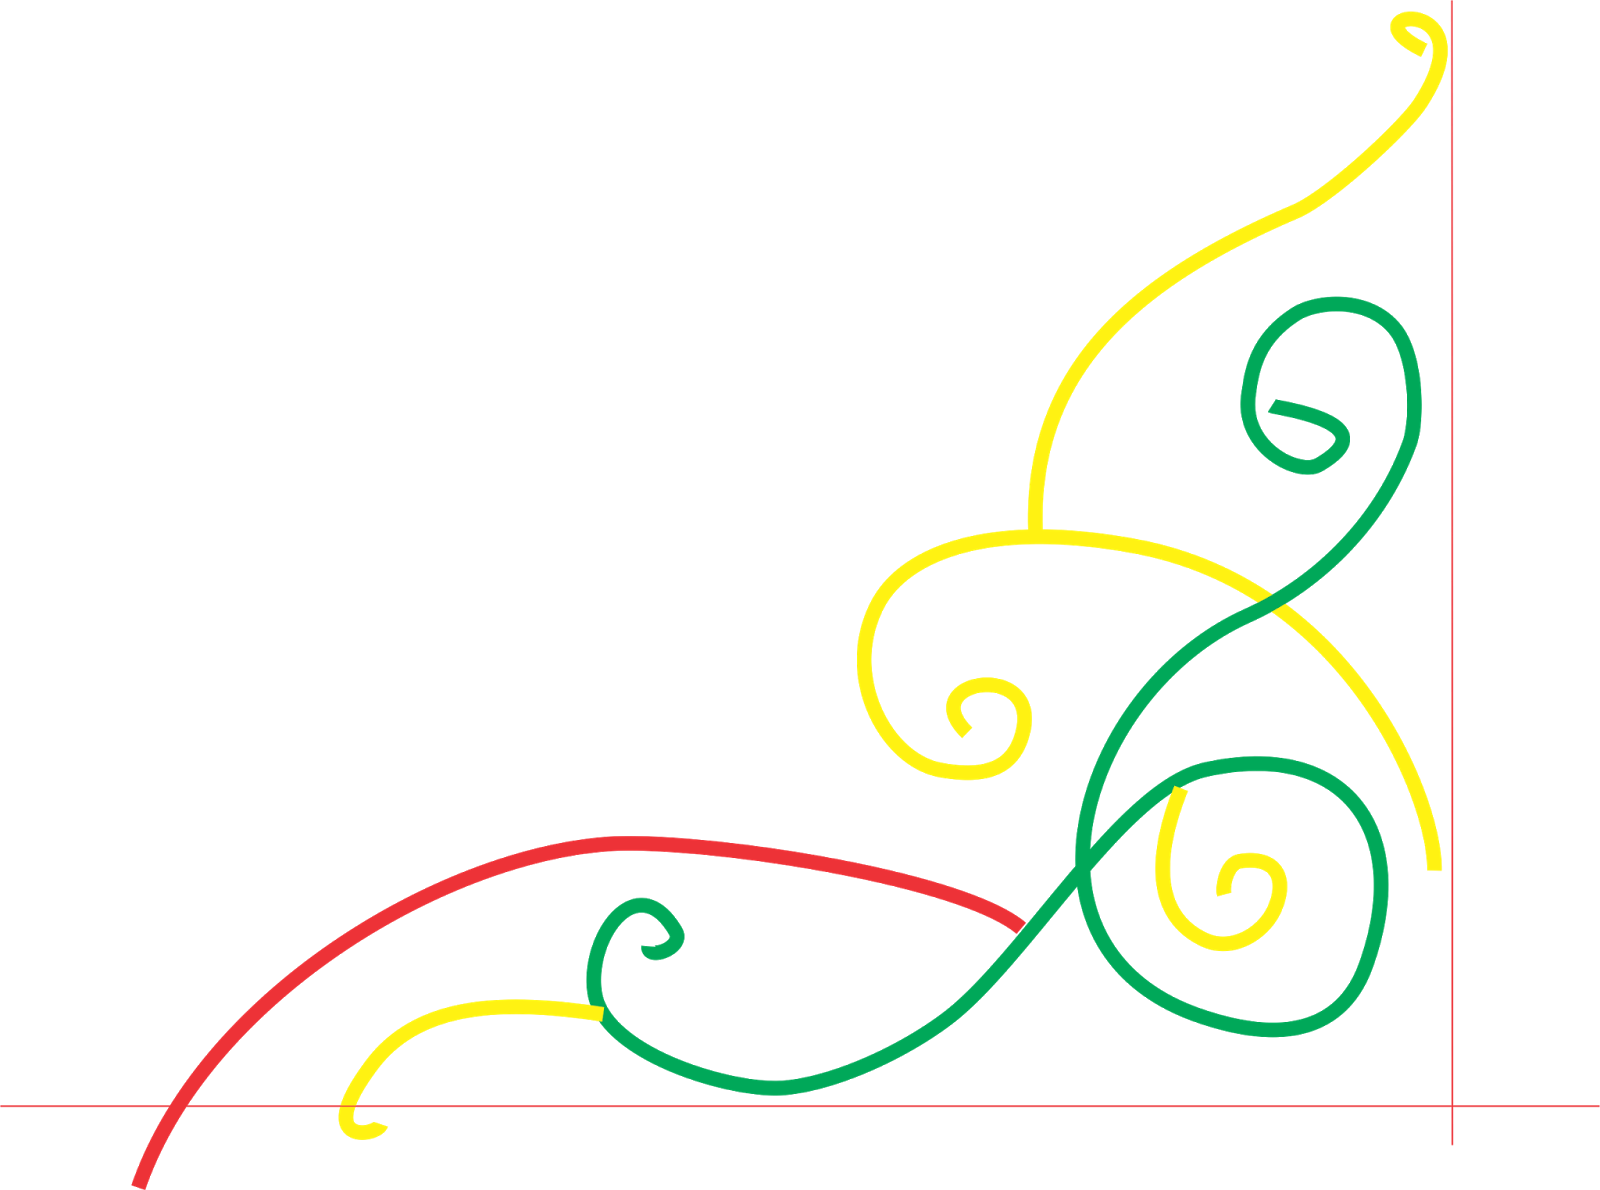 Cara Membuat Ornamenhiasan Pinggir Kaligrafi Suryalaya